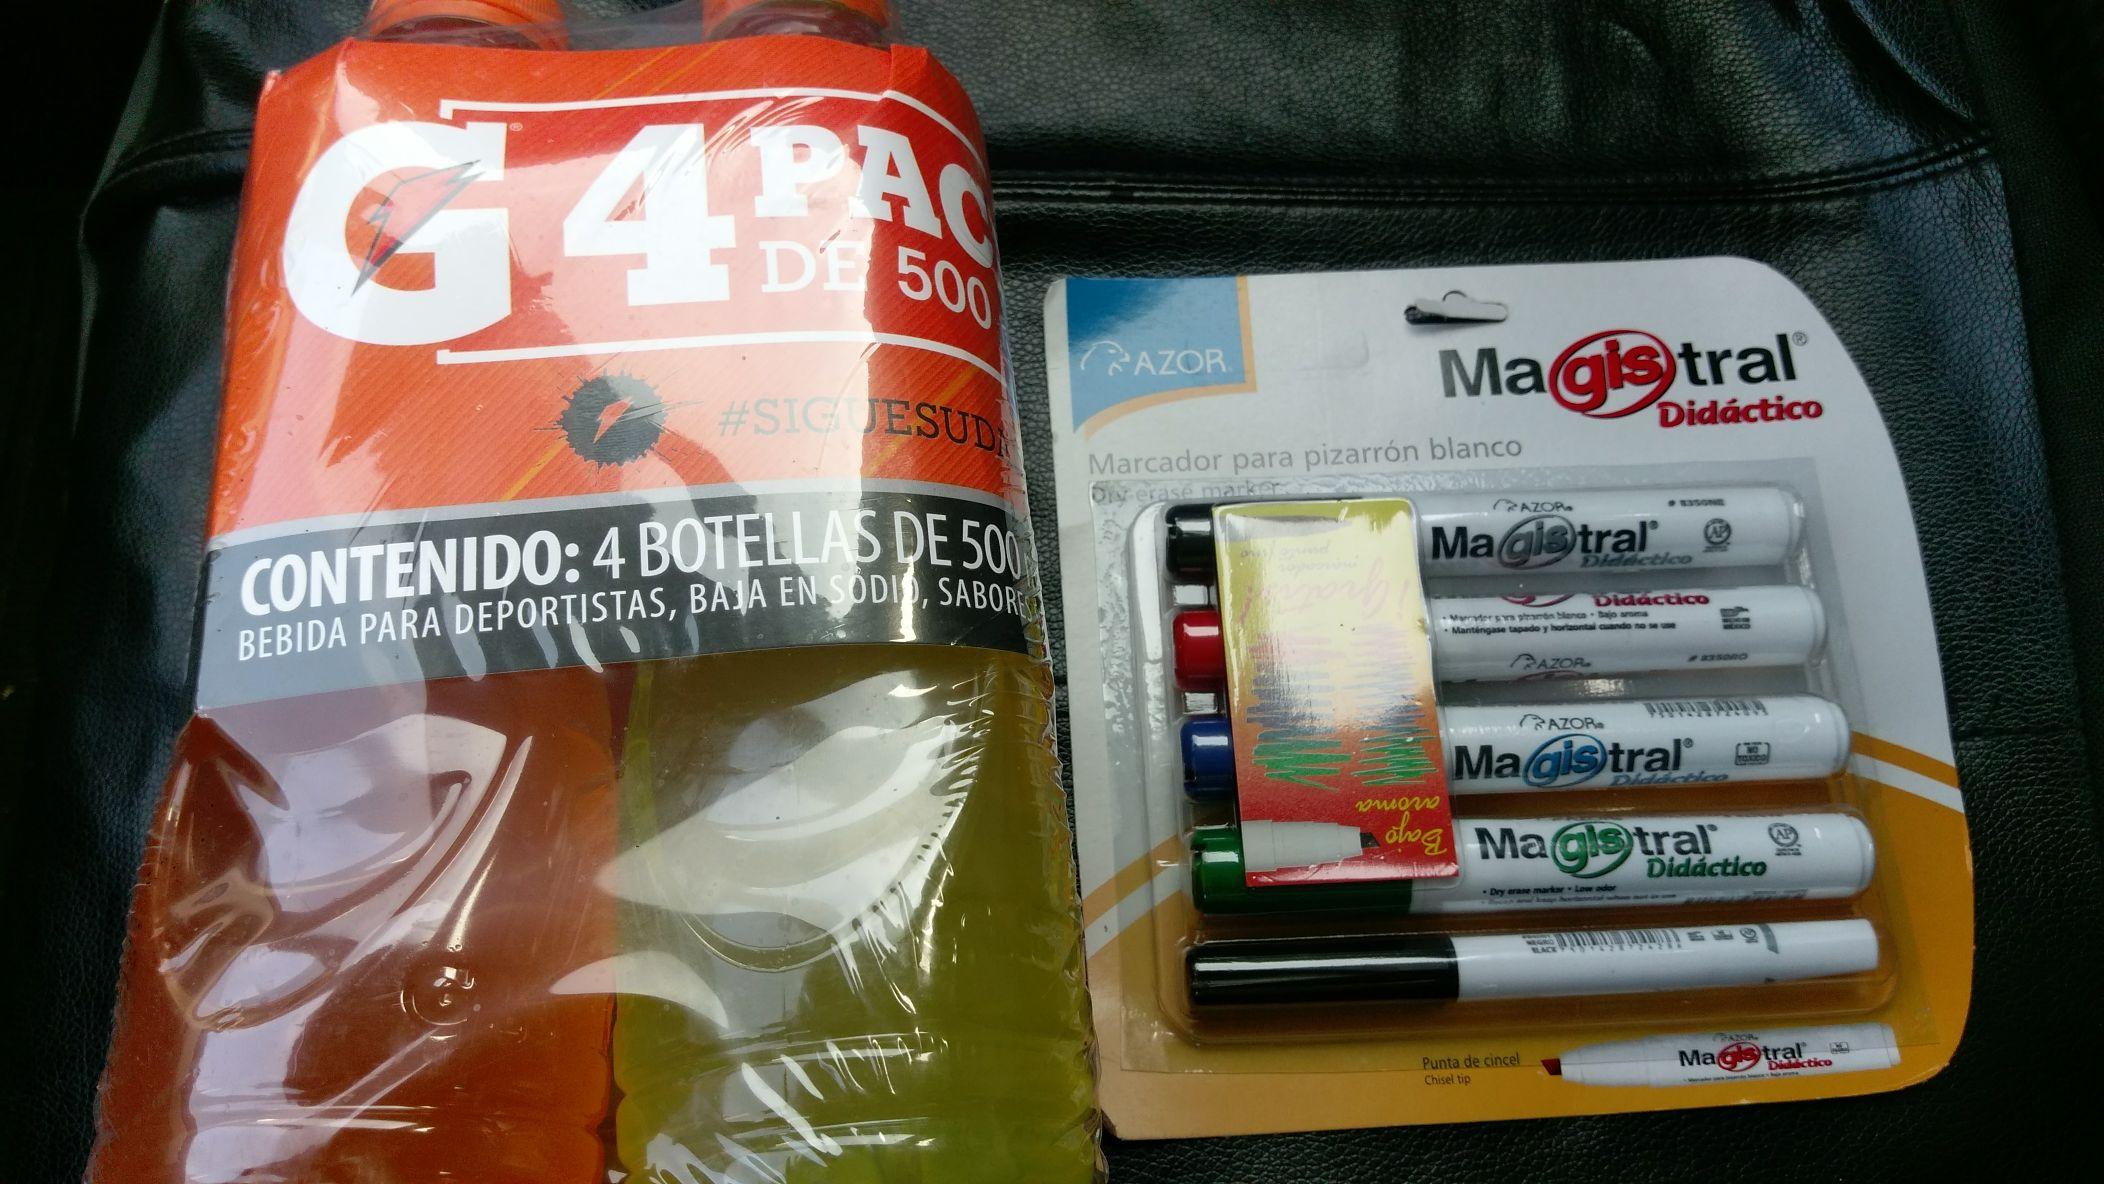 Walmart: liquidación Marcadores para pizarrón blanco